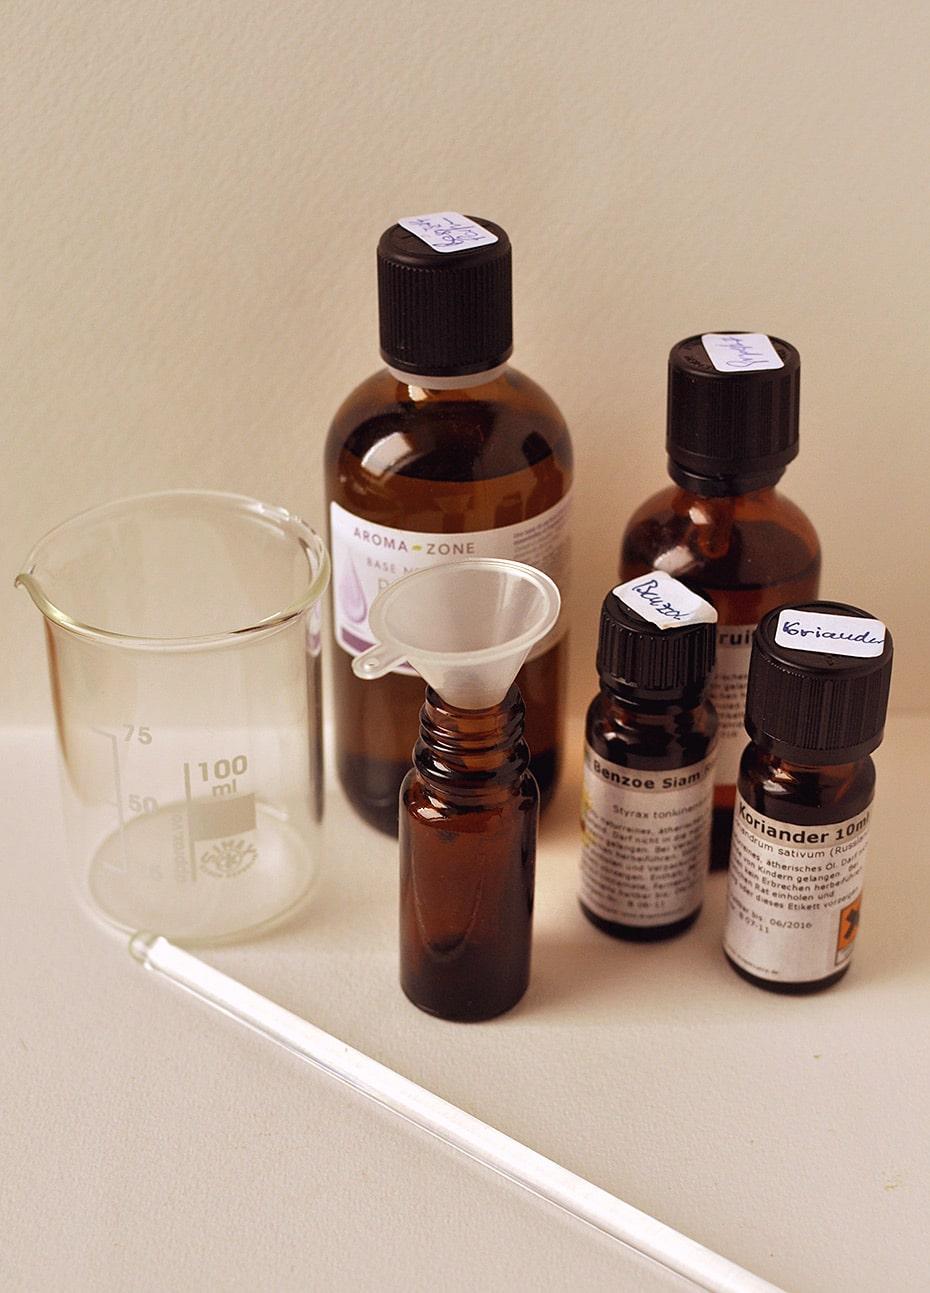 Naturparfum herstellen aus ätherischen Ölen | Schwatz Katz